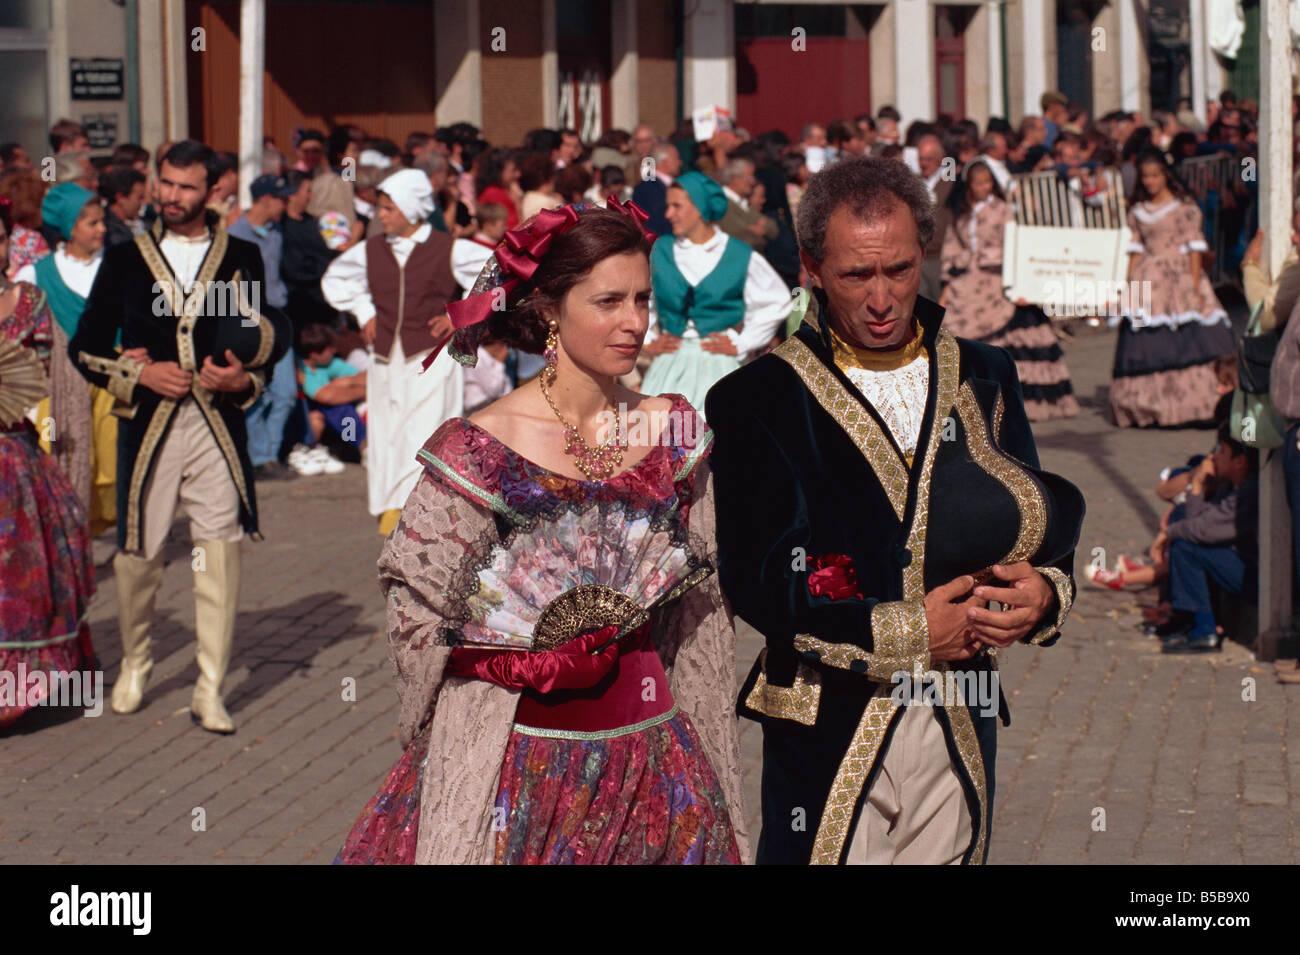 New Fairs history parade, Ponte de Lima, Minho, Portugal, Europe - Stock Image